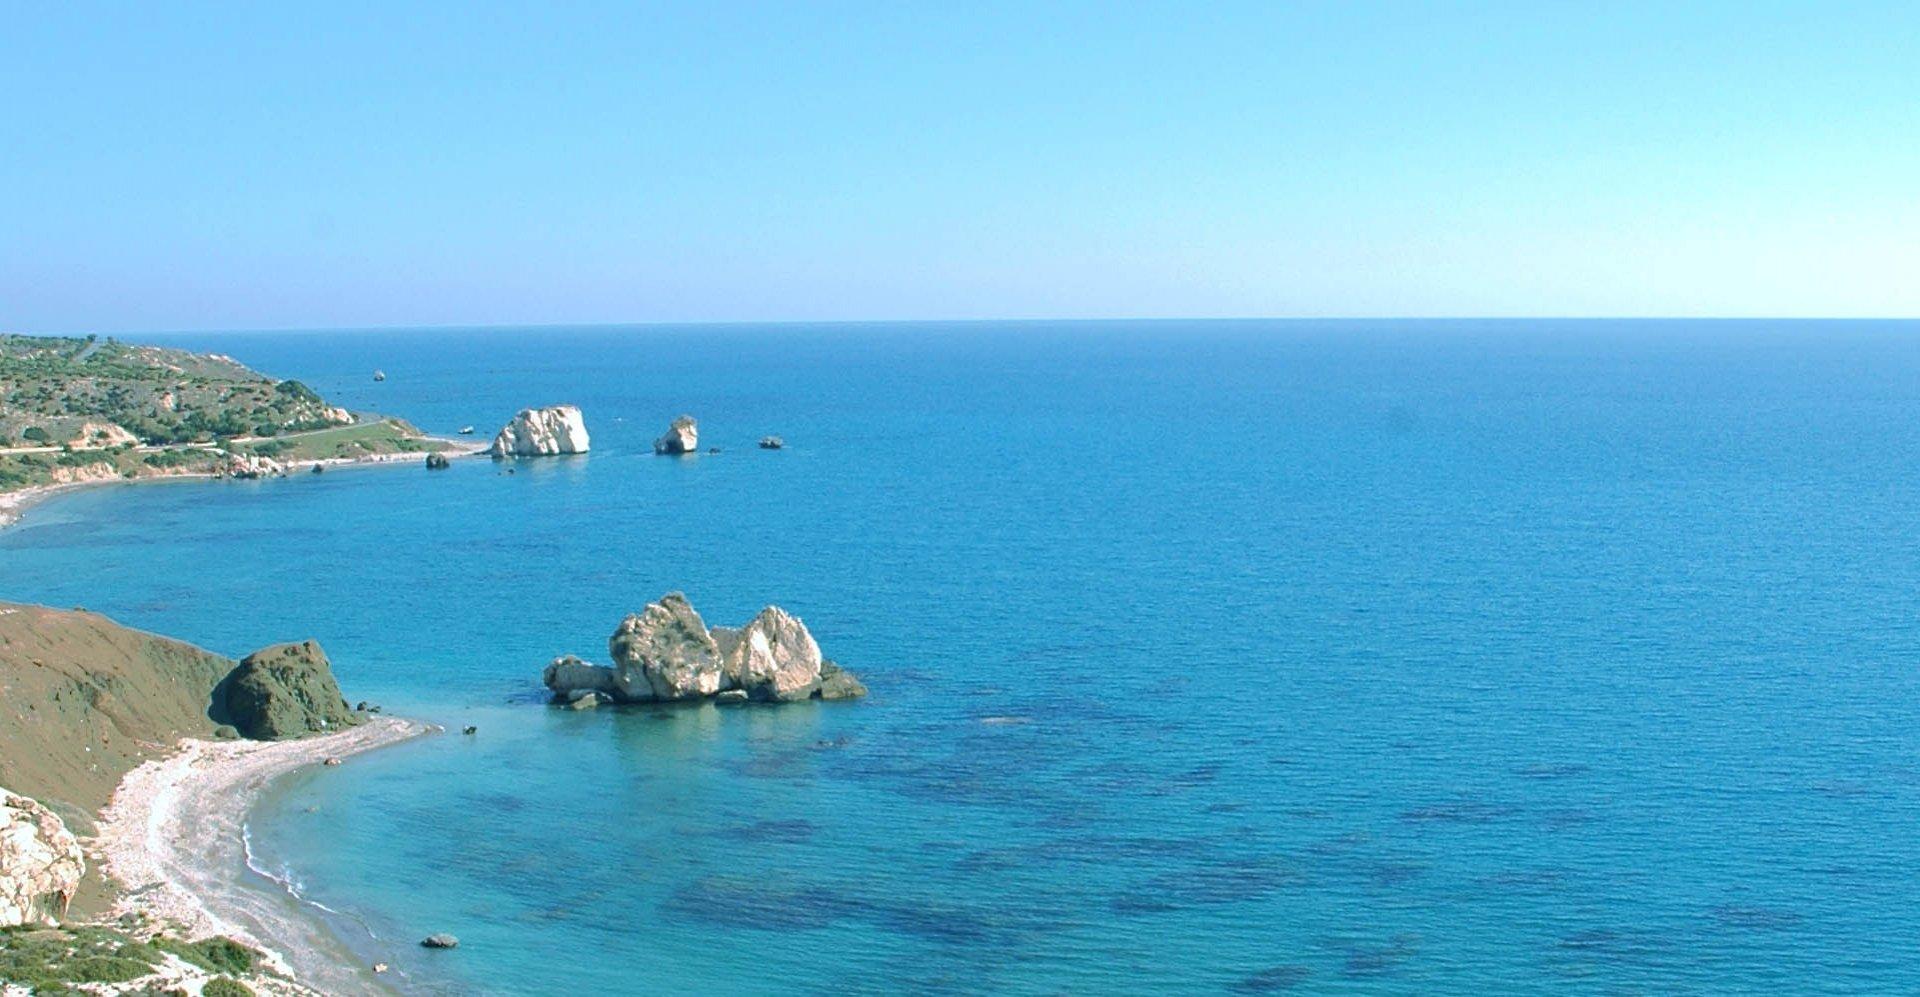 Ihr Ferienhaus auf Zypern, Malta, Kreta und Rhodos